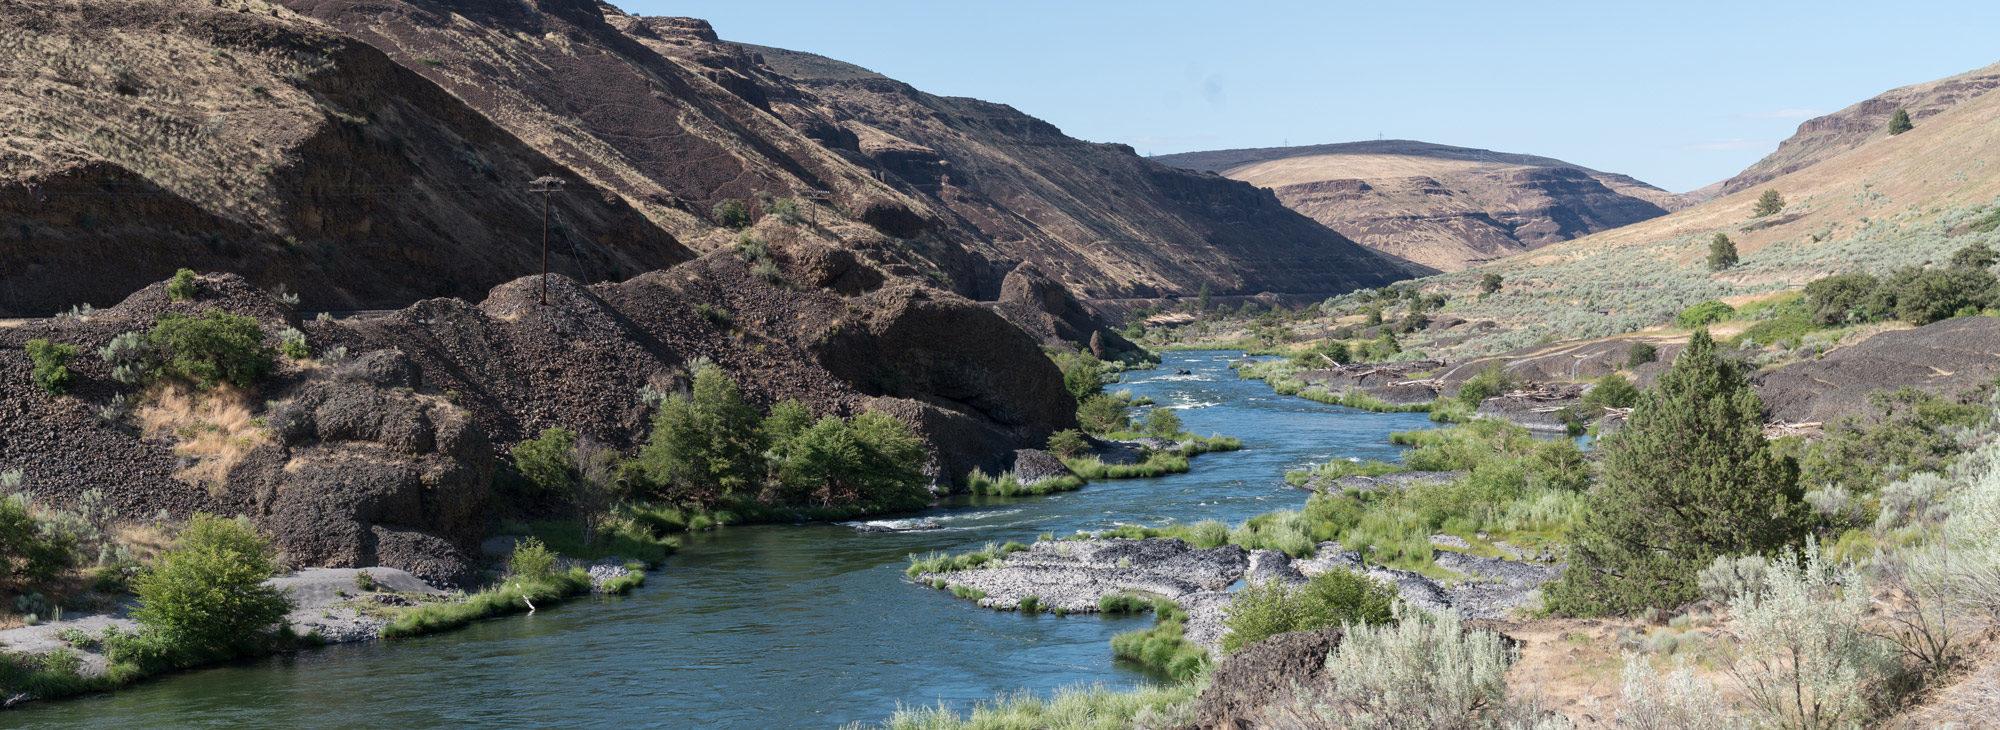 Deschutes River near Maupin